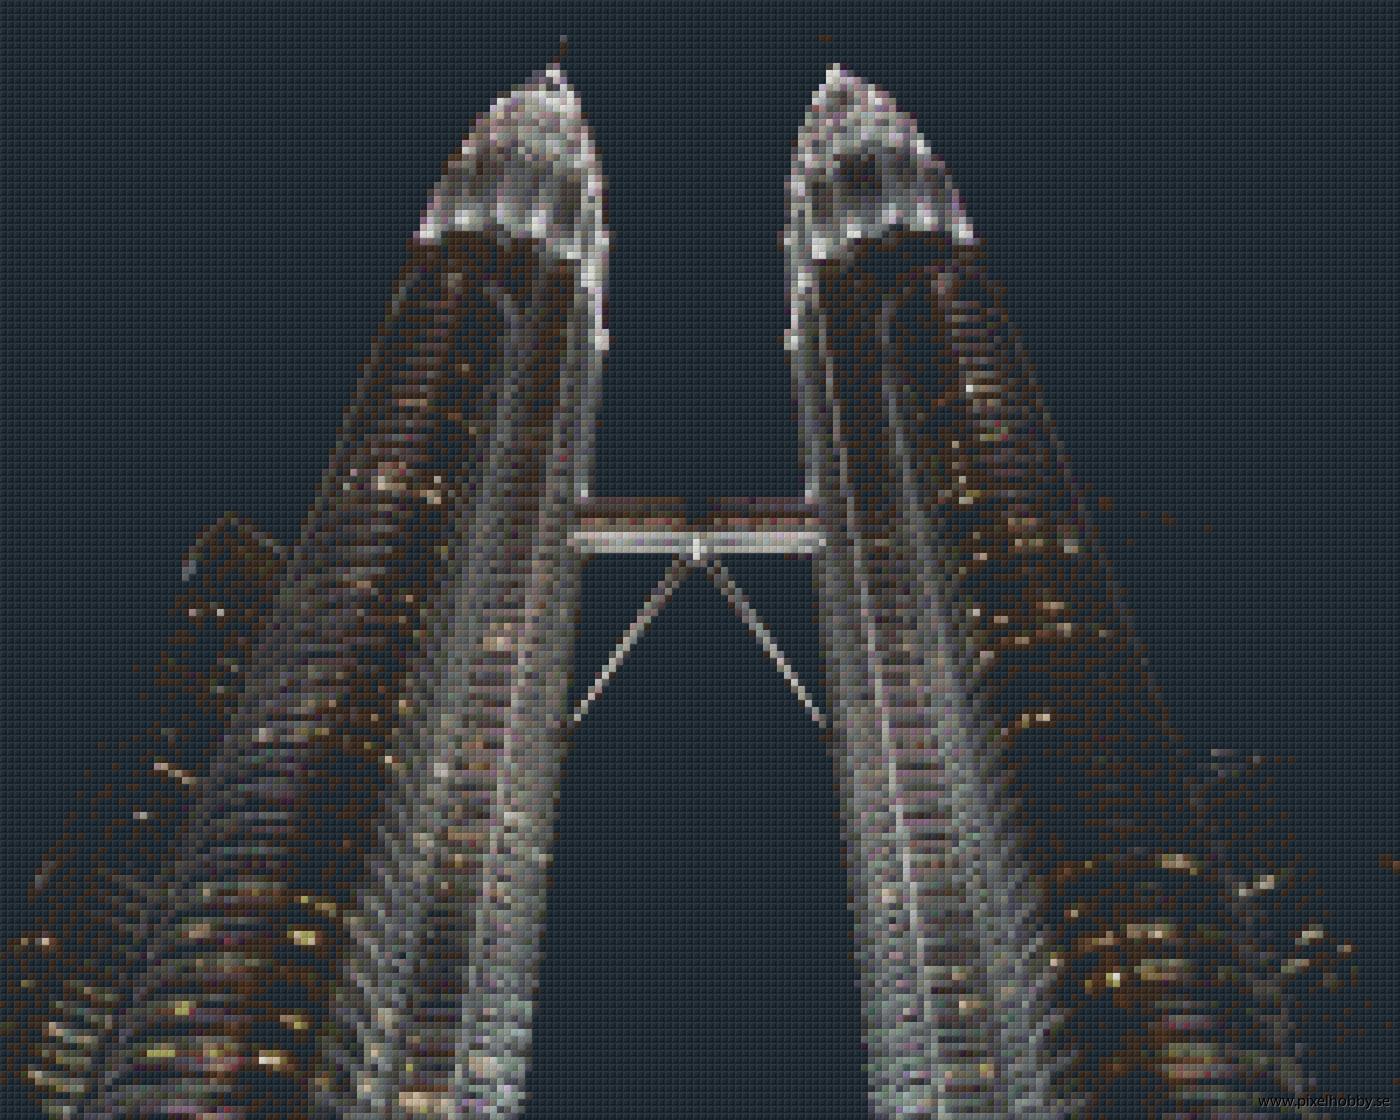 Kuala Lumpur 16rbp